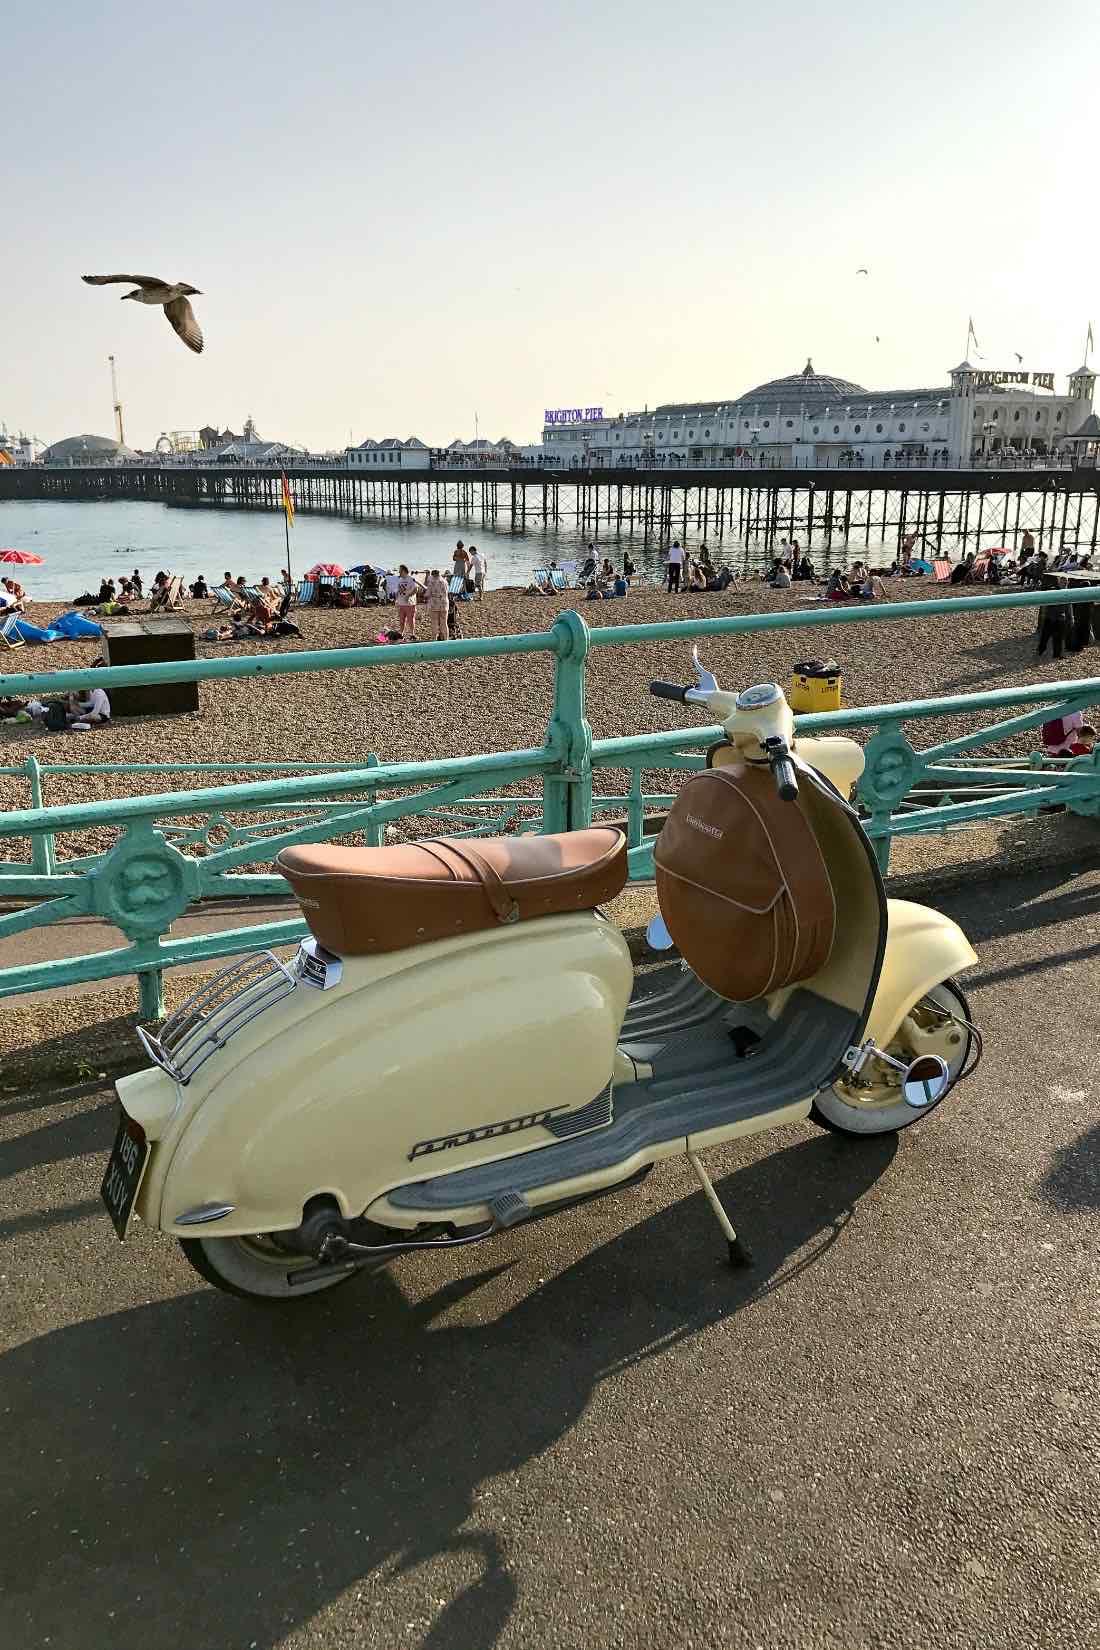 """Brighton, England: Sehenswürdigkeiten und Schräges im """"London by the Sea"""" - wie Pier, Royal Pavilion, Kemptown oder North Laine #Brighton #England #Reiseblog #Reiseblogger"""